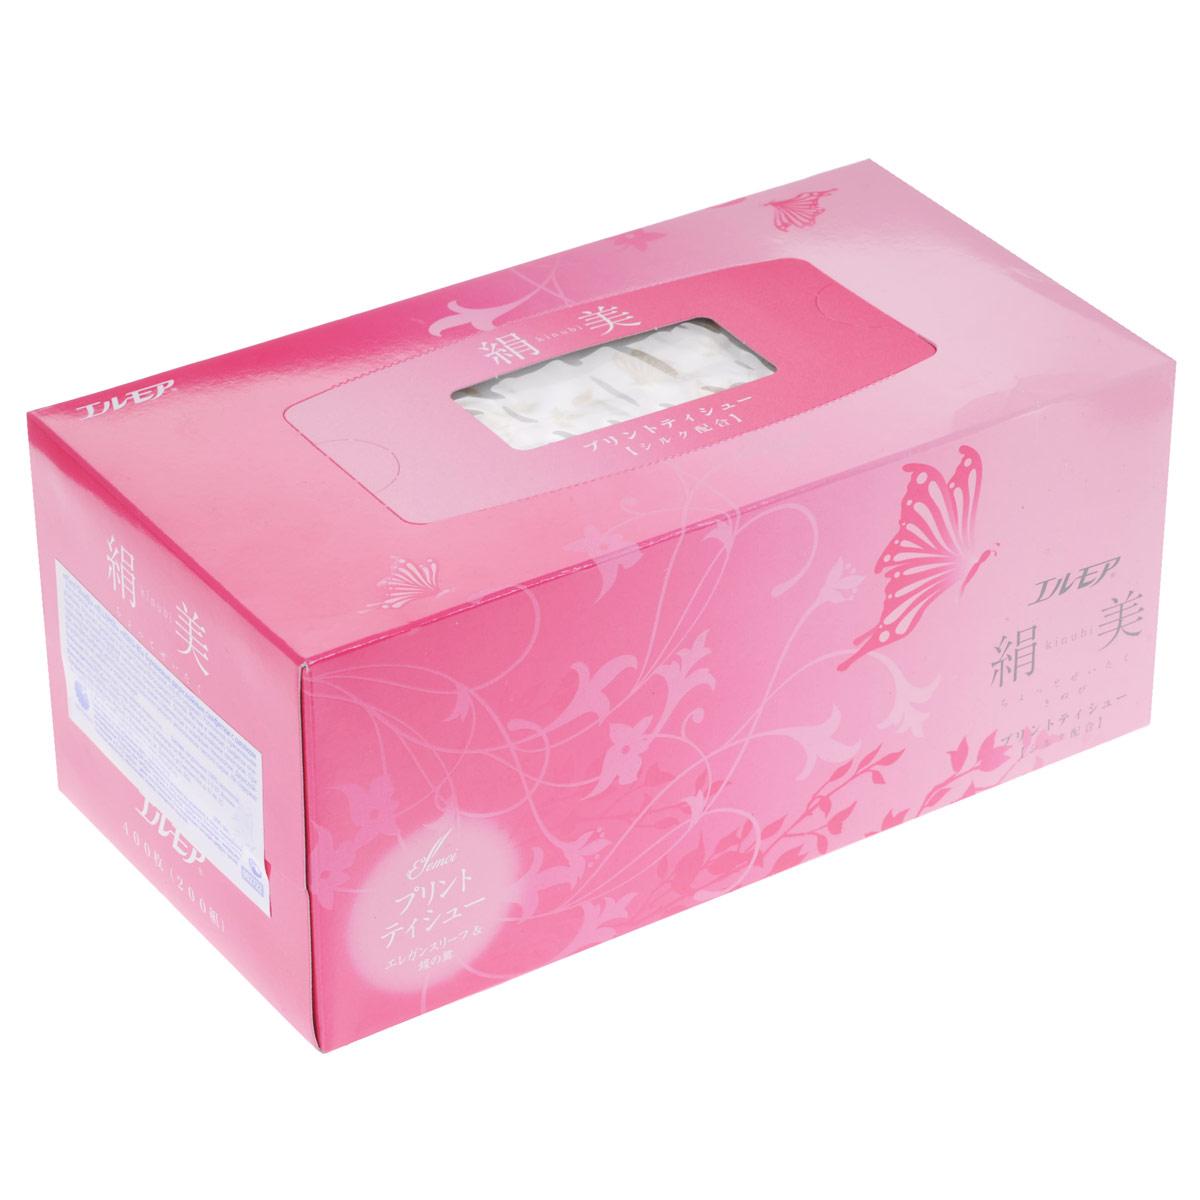 Салфетки бумажные Ellemoi Kinu-bi, двухслойные, с шелком, цвет упаковки: розовый, 200 шт002722Салфетки бумажные Ellemoi Kinu-bi изготовлены из натуральной 100% целлюлозы, экологически чистого сырья. Салфетки мягкие и нежные. Салфетки премиум класса с роскошным принтом из цветов сакуры цвета шампанского, в элегантной упаковке с добавлением шелковых волокон.Обладают высокими потребительскими свойствами, хорошо впитывают и удерживают жидкость. Салфетки бумажные Ellemoi Kinu-bi удобны, практичны и эффективны в любой ситуации. Не хранить в местах с повышенной влажностью. Не содержат флуоресцентных добавок и осветлителей.